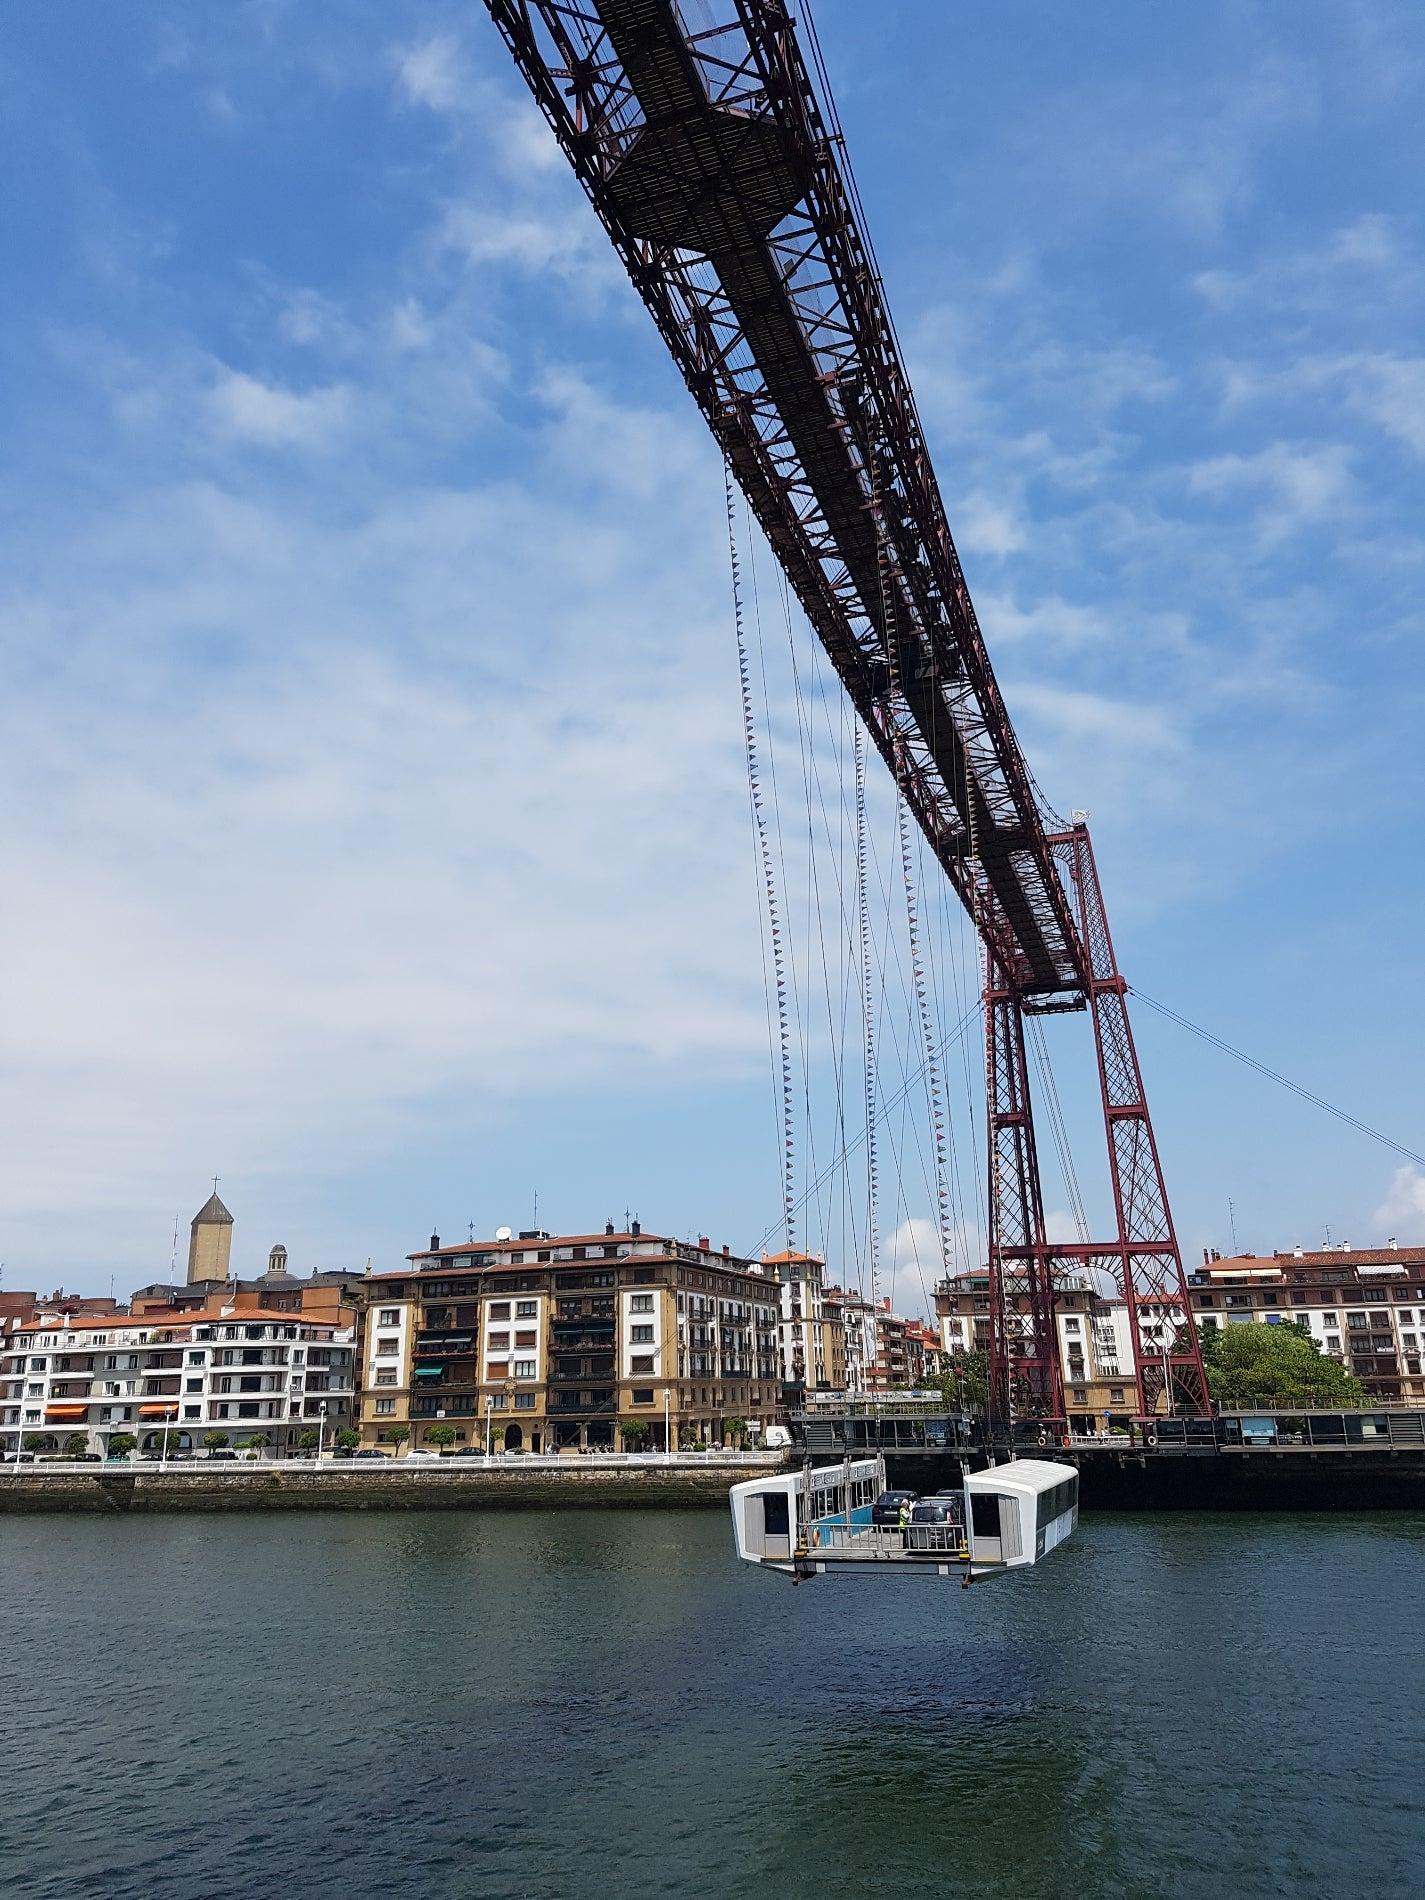 Biscay's Bridge (Puente de Bizkaia)